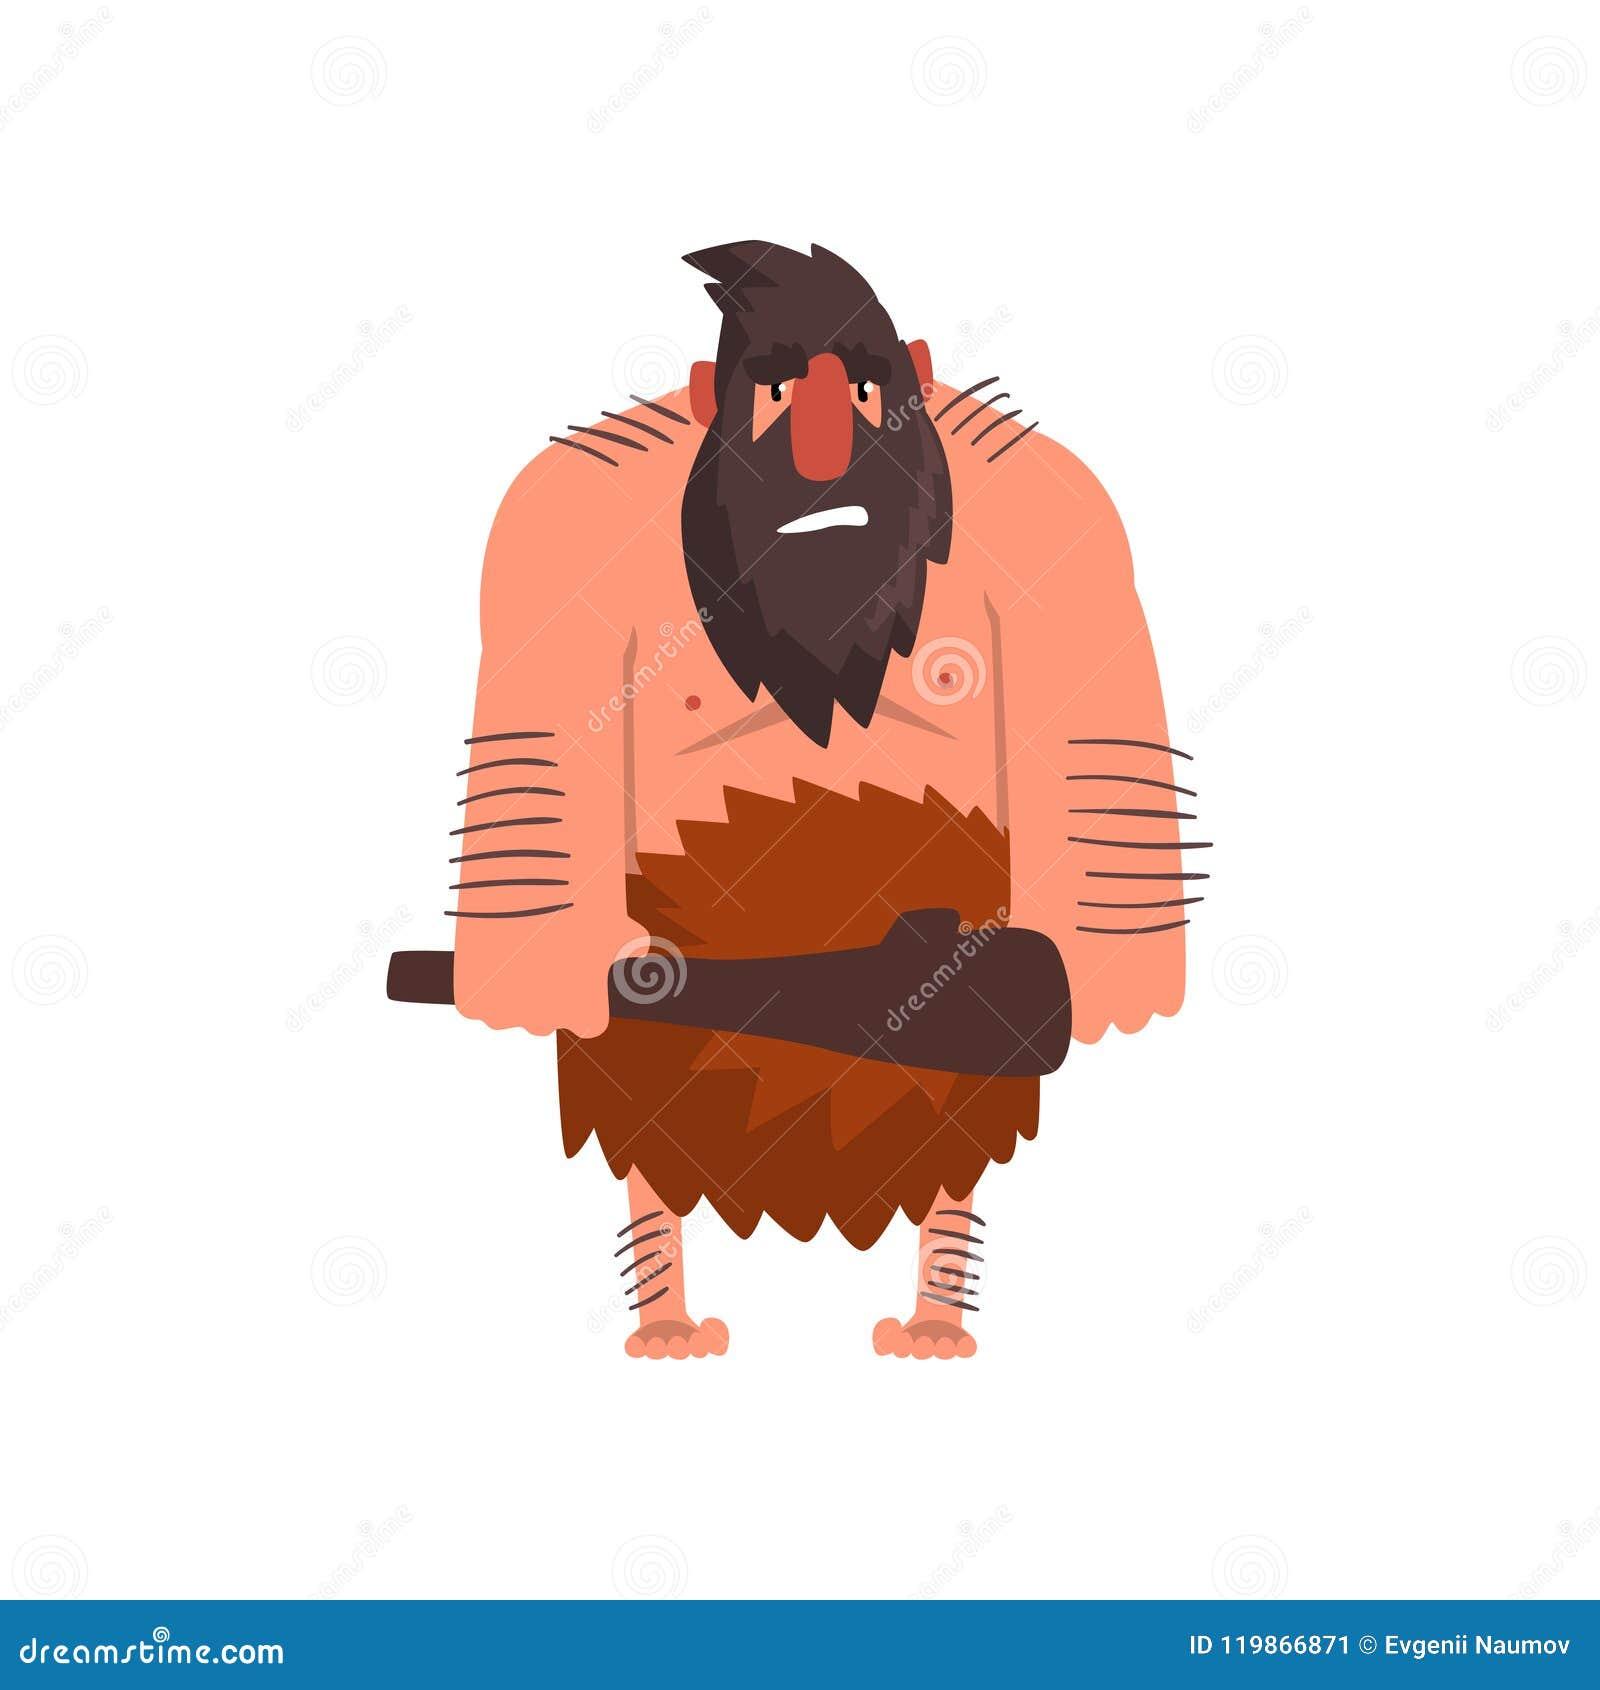 Μυϊκός πρωτόγονος caveman με τη λέσχη, διανυσματική απεικόνιση κινούμενων σχεδίων χαρακτήρα ατόμων εποχής του λίθου προϊστορική σ